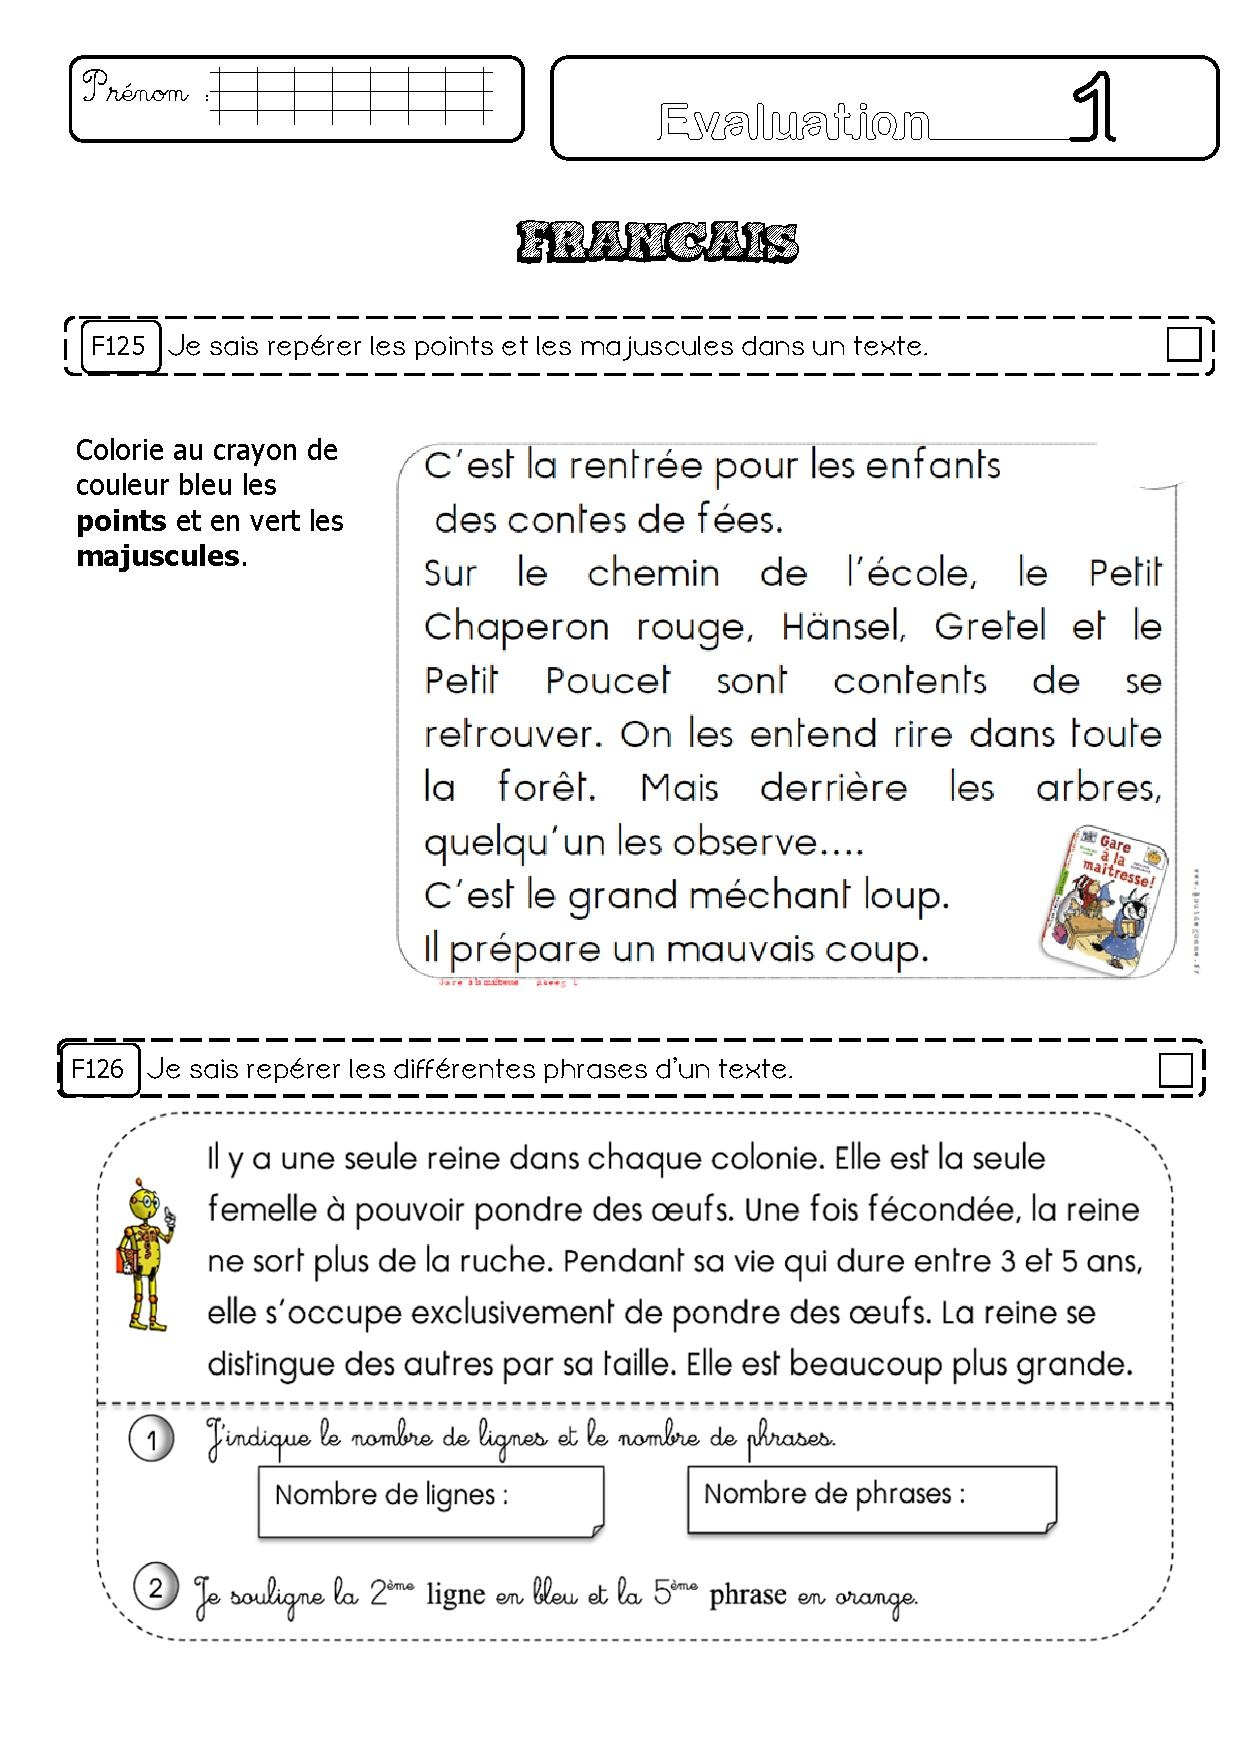 File:Exemple évaluation de français.pdf - Wikimedia Commons